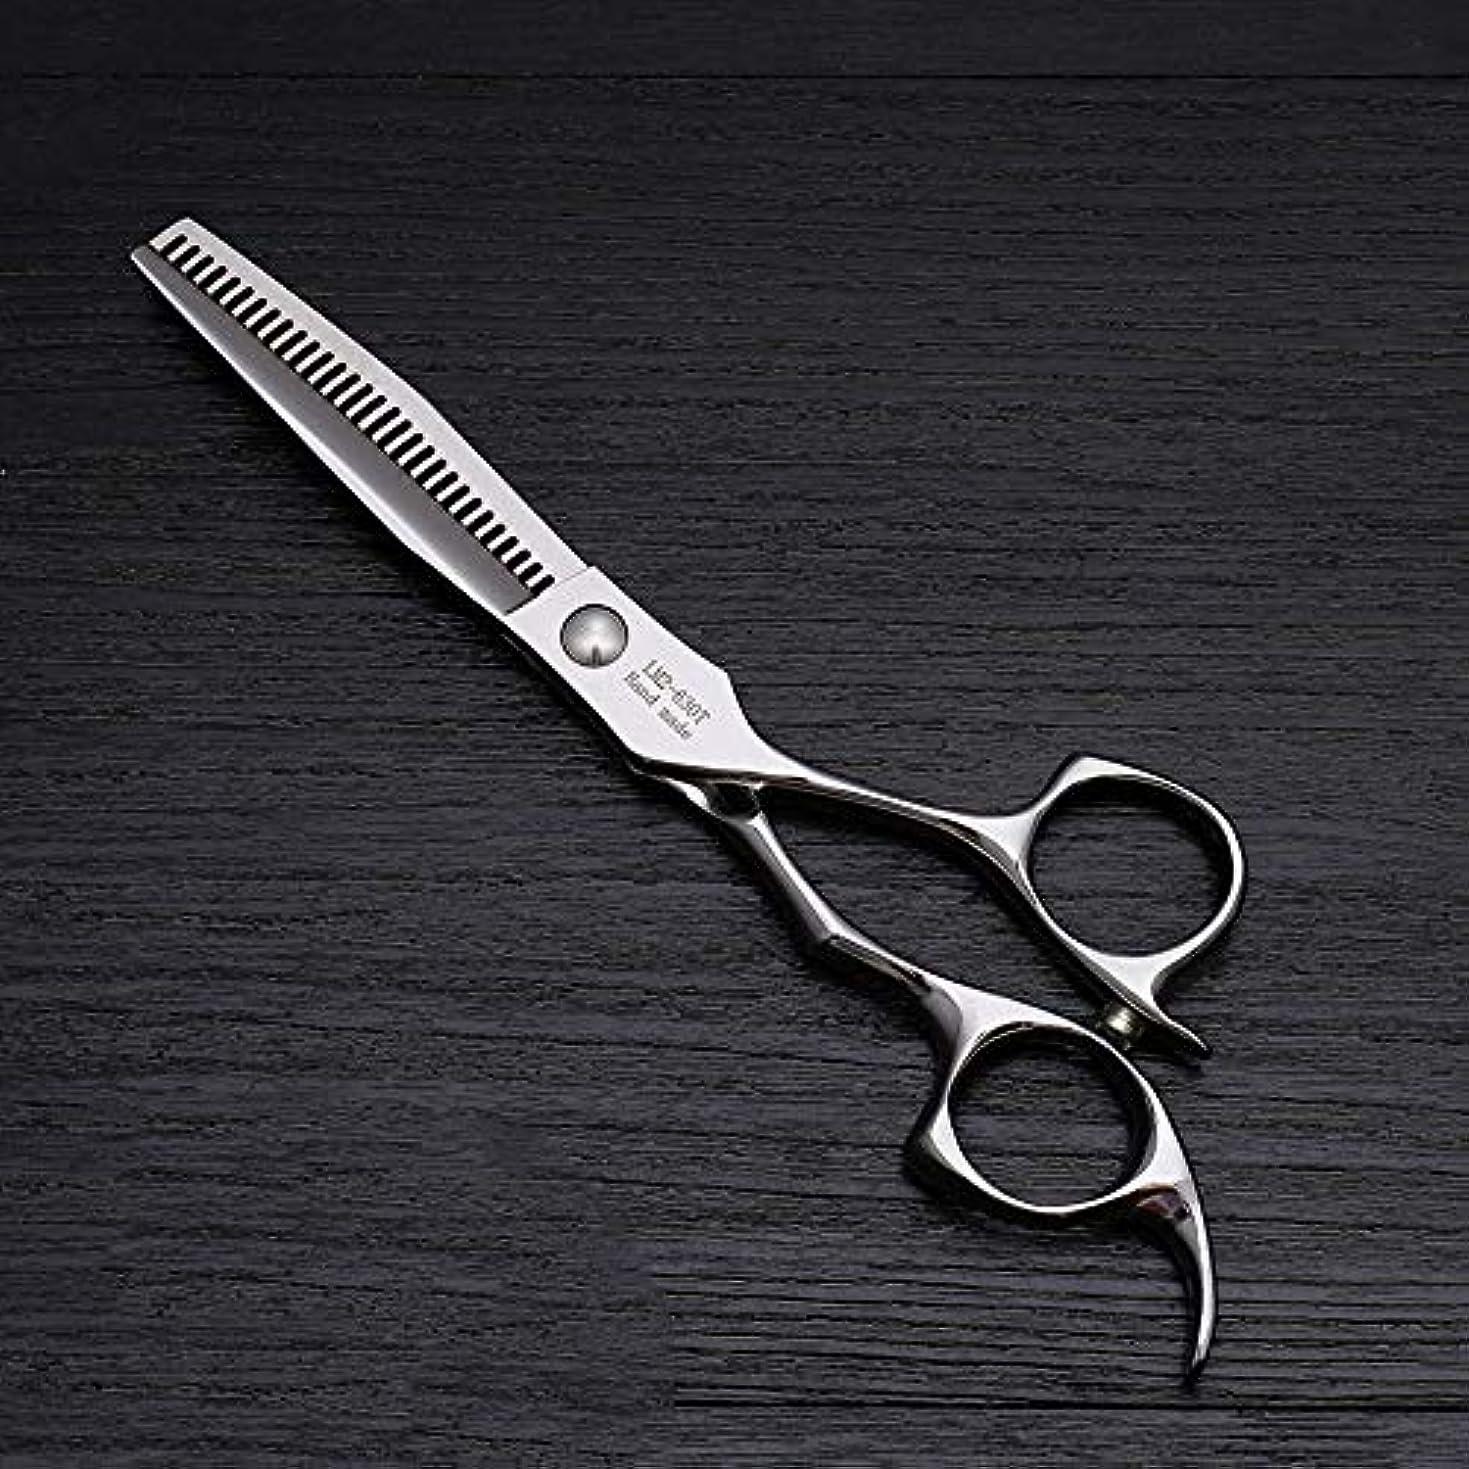 疑問に思うイースター本物Hairdressing 6インチのステンレス鋼の理髪はさみ、美容院の毛の切断用具の薄くなるはさみの毛の切断はさみのステンレス製の理髪師のはさみ (色 : Silver)